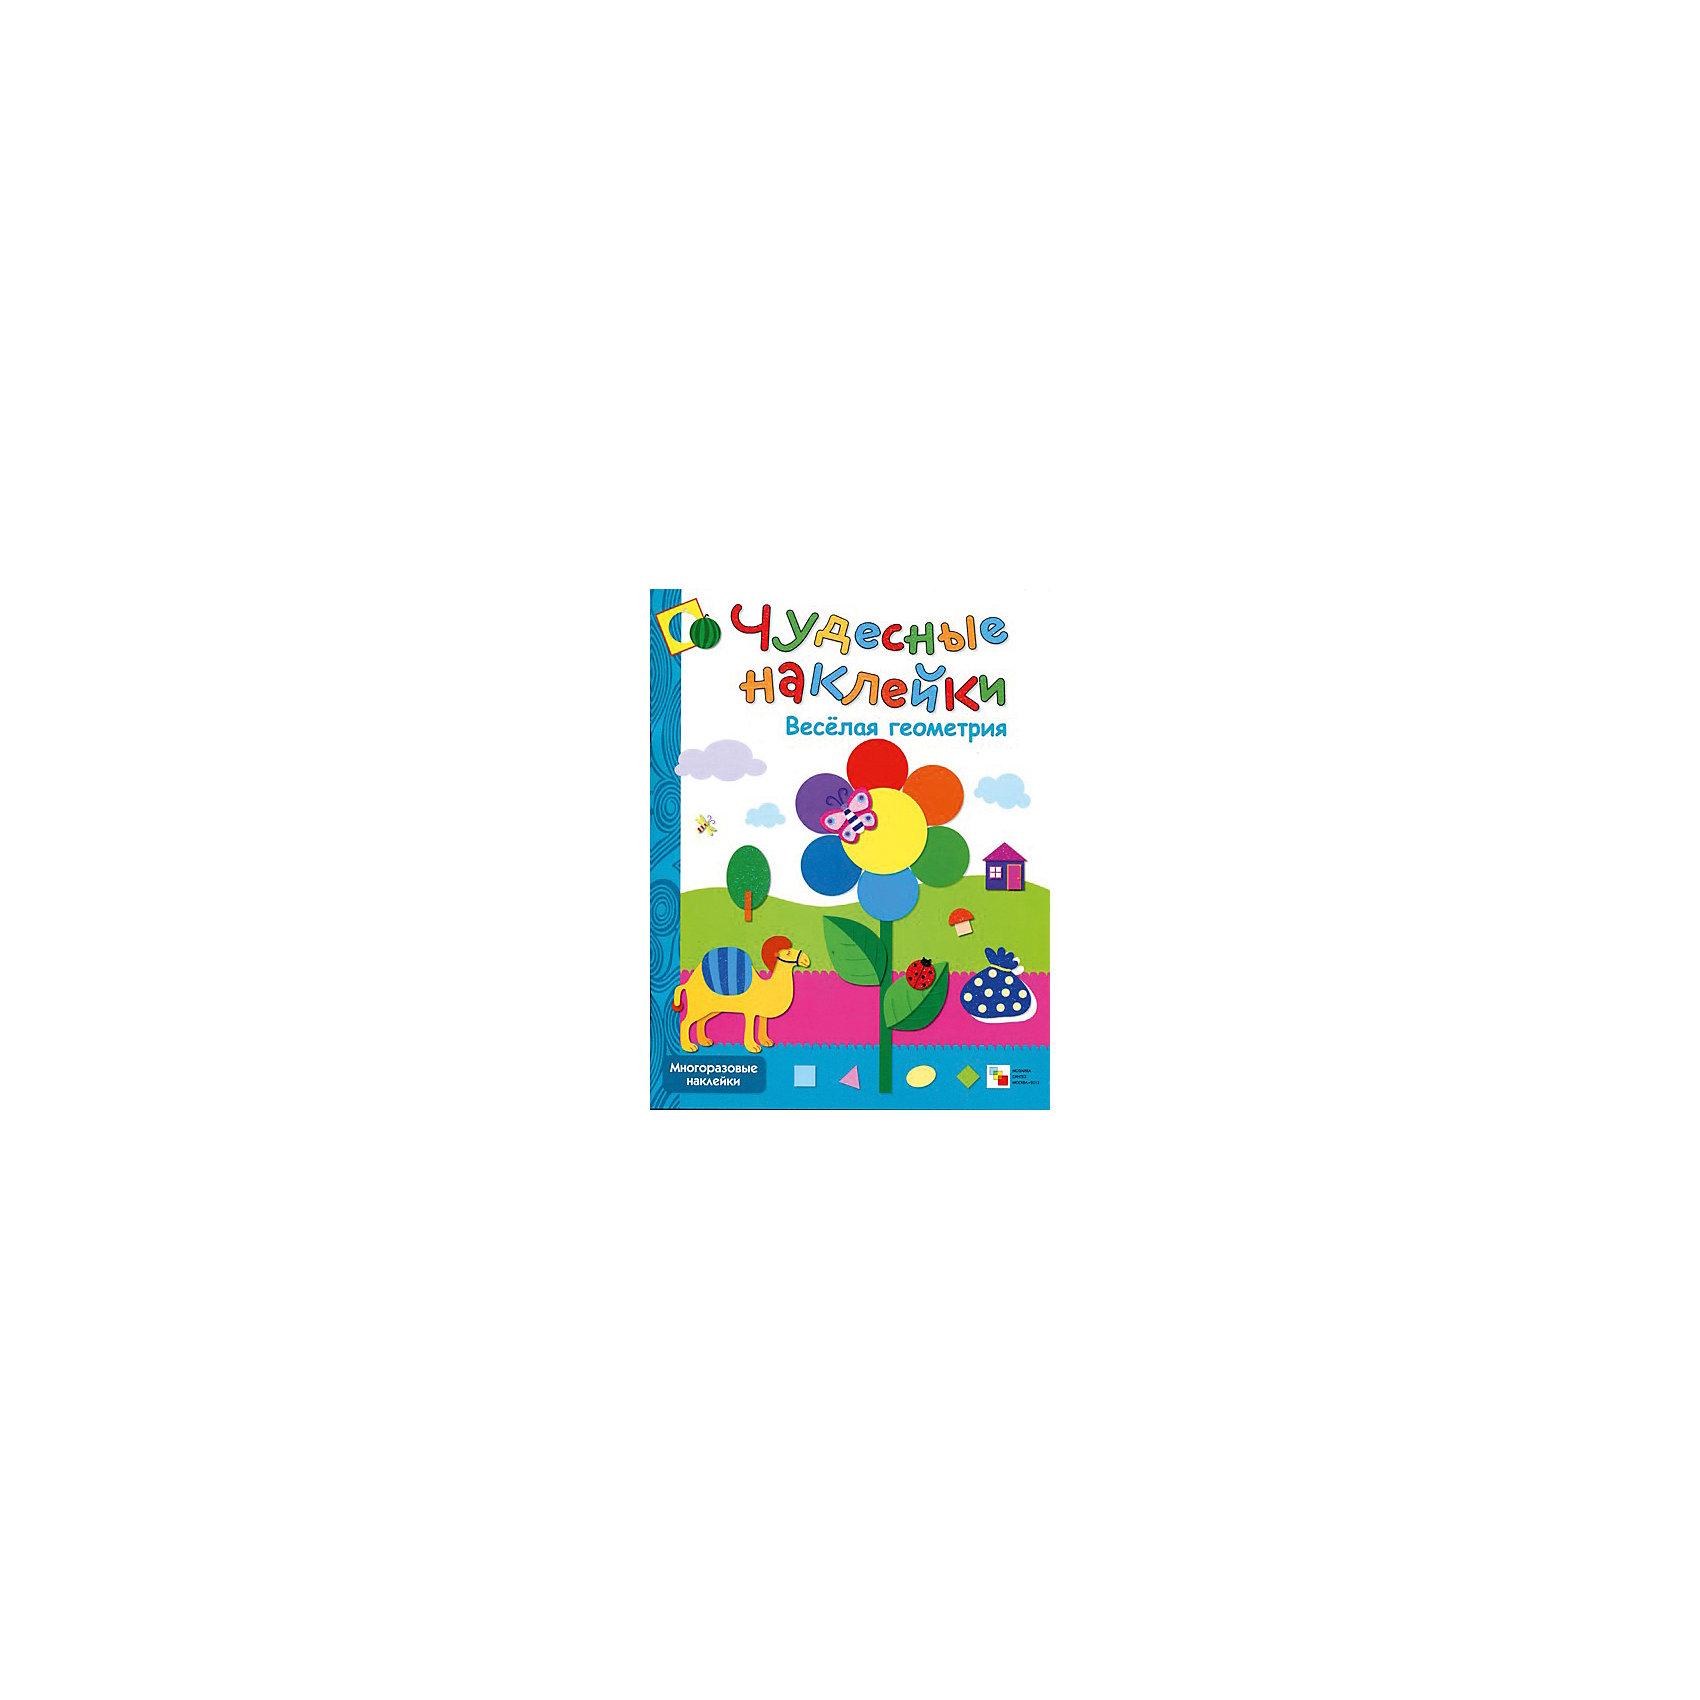 Развивающая книга Чудесные наклейки. Веселая геометрияРазвивающая книга Чудесные наклейки. Веселая геометрия – это увлекательная книга для малышей, с которой весело постигать азы геометрии.<br>Красивые яркие иллюстрации и интересные задания надолго увлекут вашего ребенка, он с пользой проведет время и получит массу удовольствия от занятий. Задания простые и понятные, а работа с наклейками очень нравится детям. В игровой форме дети познакомятся с основными геометрическими фигурами, цветами, формами, размерами, научатся видеть формы в окружающих предметах, изображать предметы с помощью геометрических фигур и правильно употреблять названия этих фигур. Книга познакомит малышей со следующими фигурами: круг, квадрат, треугольник, прямоугольник. Выполняя задания, малышу предстоит выбрать подходящие наклейки и подобрать им место на рисунке. Также есть несколько заданий на конструирование и логическое мышление: составить из 7 кружков цветочек, построить из 4 квадратов башенку, сделать из 3 треугольников елочку, построить из 6 прямоугольников пирамиду. В книжке 10 ламинированных страниц и вкладка с наклейками. Наклейки в книге многоразовые, поэтому можно смело экспериментировать с ними, не боясь ошибиться. Украшать книгу наклейками занятие не только интересное, но и полезное. Оно способствует развитию воображения, мелкой моторики пальцев рук, координации движений, позволяет детям лучше узнавать окружающий мир, положительно влияет на речевое и интеллектуальное развитие, учит находить и принимать решения.<br><br>Дополнительная информация:<br><br>- Возраст: 3-5 лет<br>- Автор: Колдина Дарья Николаевна<br>- Художник-иллюстратор: Е. Романцова<br>- Издательство: Мозаика-Синтез, 2012 г.<br>- Серия: Чудесные наклейки<br>- Тип обложки: мягкий переплет (крепление скрепкой или клеем)<br>- Оформление: с наклейками, глитер (блестки)<br>- Иллюстрации: цветные<br>- Количество страниц: 10 (мелованная)<br>- Размер: 280x215x2 мм.<br>- Вес: 88 гр.<br><br>Развивающую книгу Чудесные наклейки. Вес